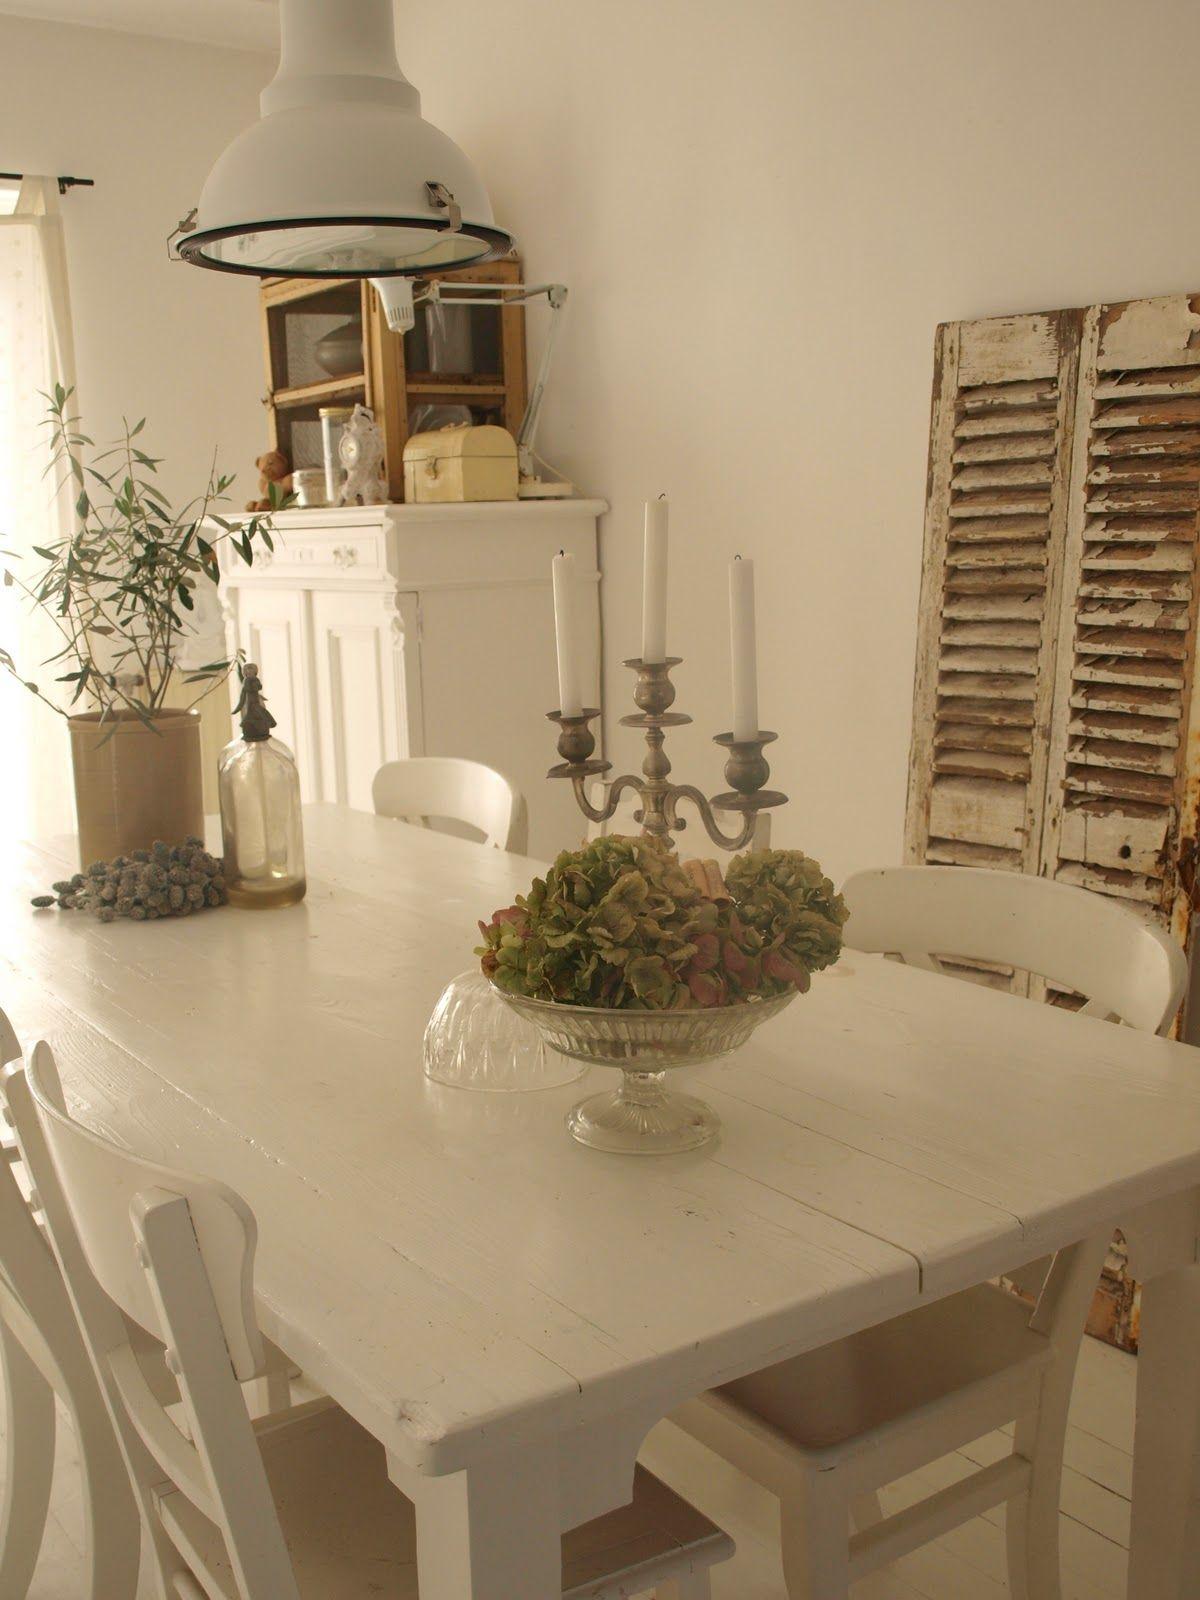 brocante woonkamer - Google zoeken - Ideeën voor het huis ...